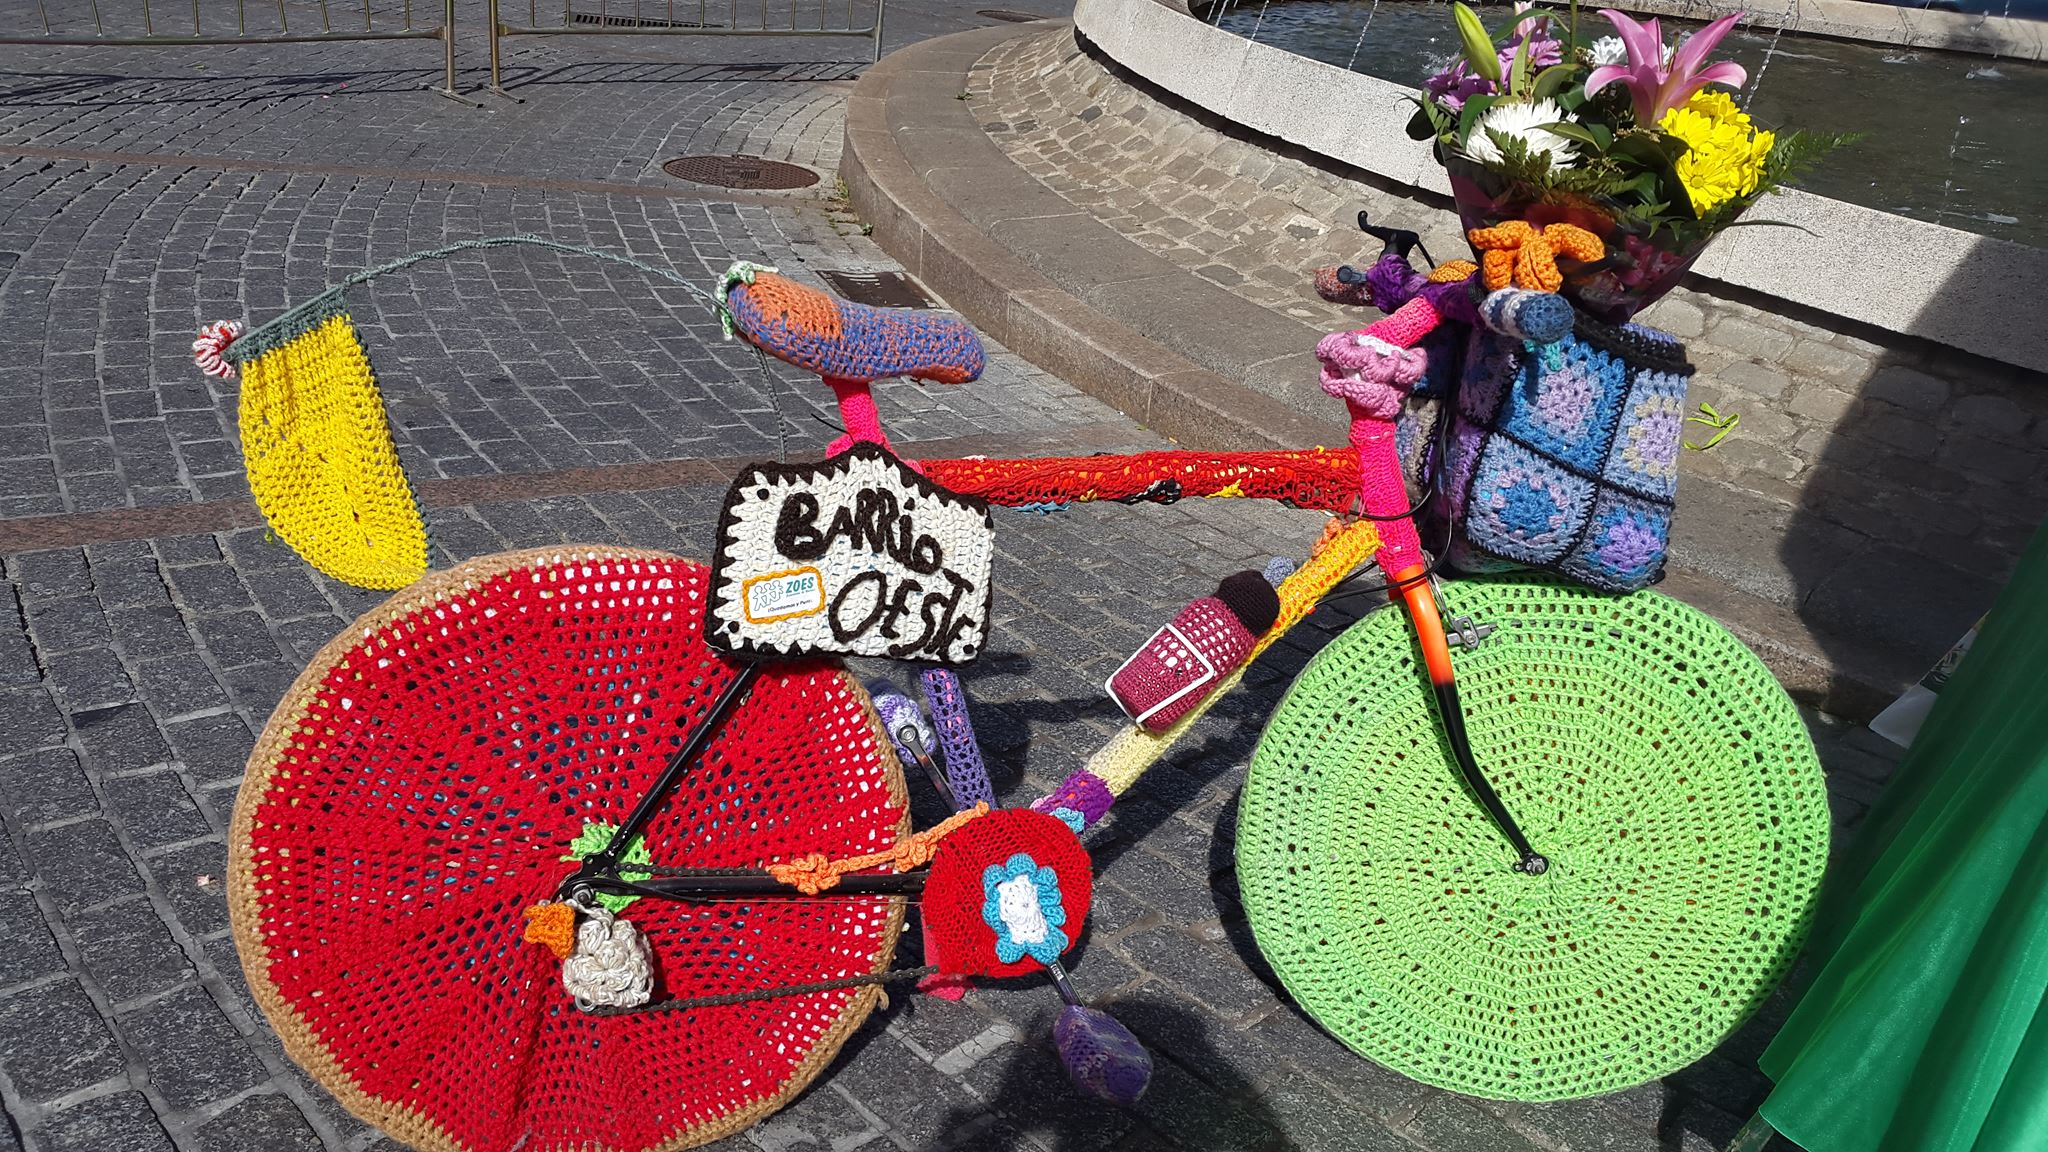 La bicicleta forrada de punto es ya uno de los símbolos del Barrio del Oeste.